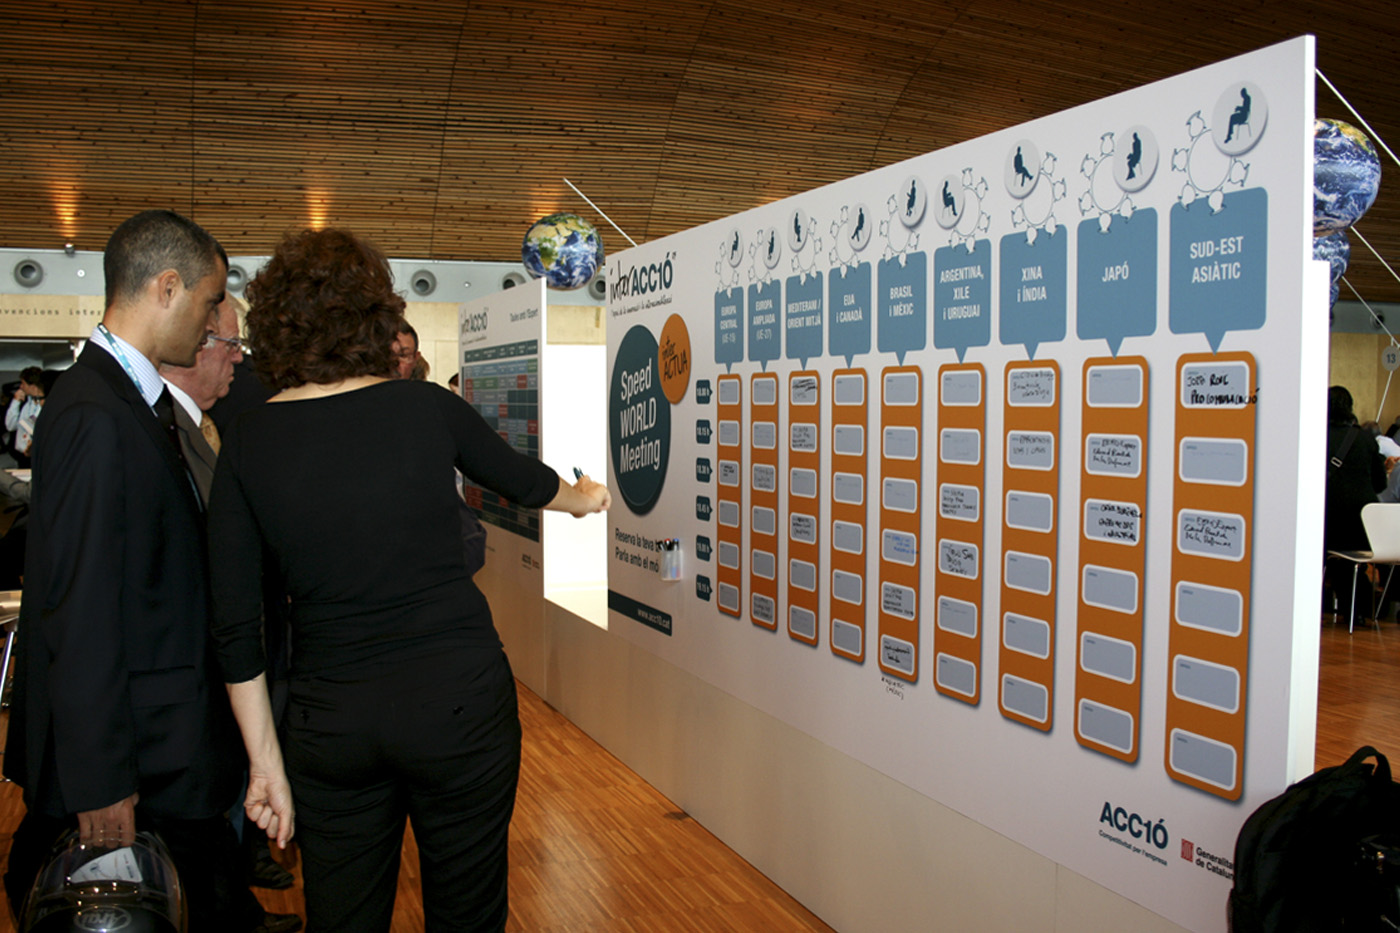 07-interaccio-stand-evento-disseny-grafic-creartiva-expositores